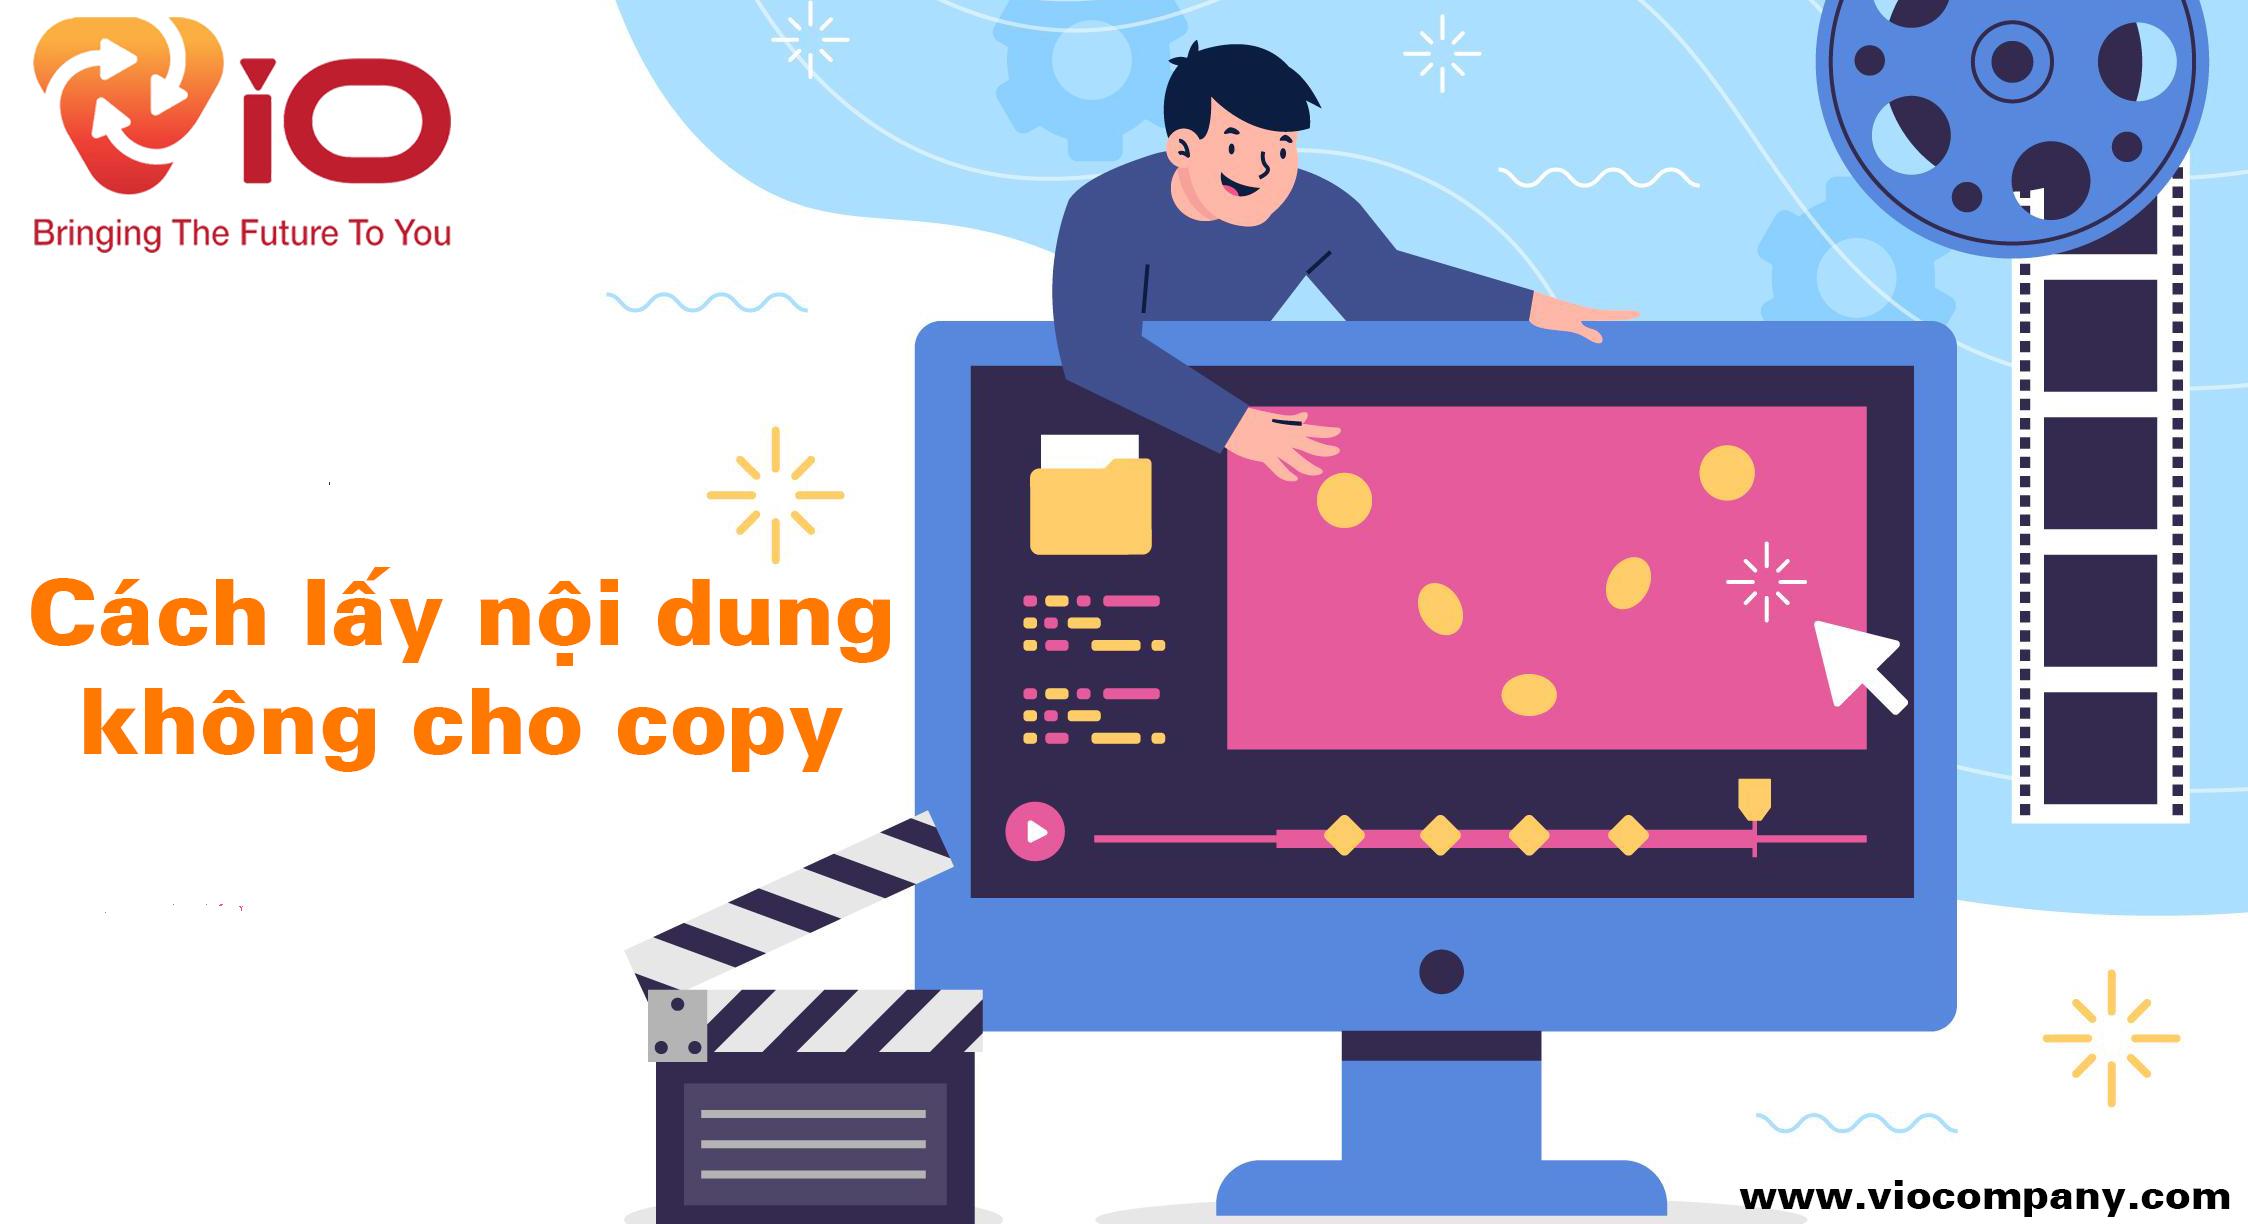 Cách lấy nội dung không cho copy